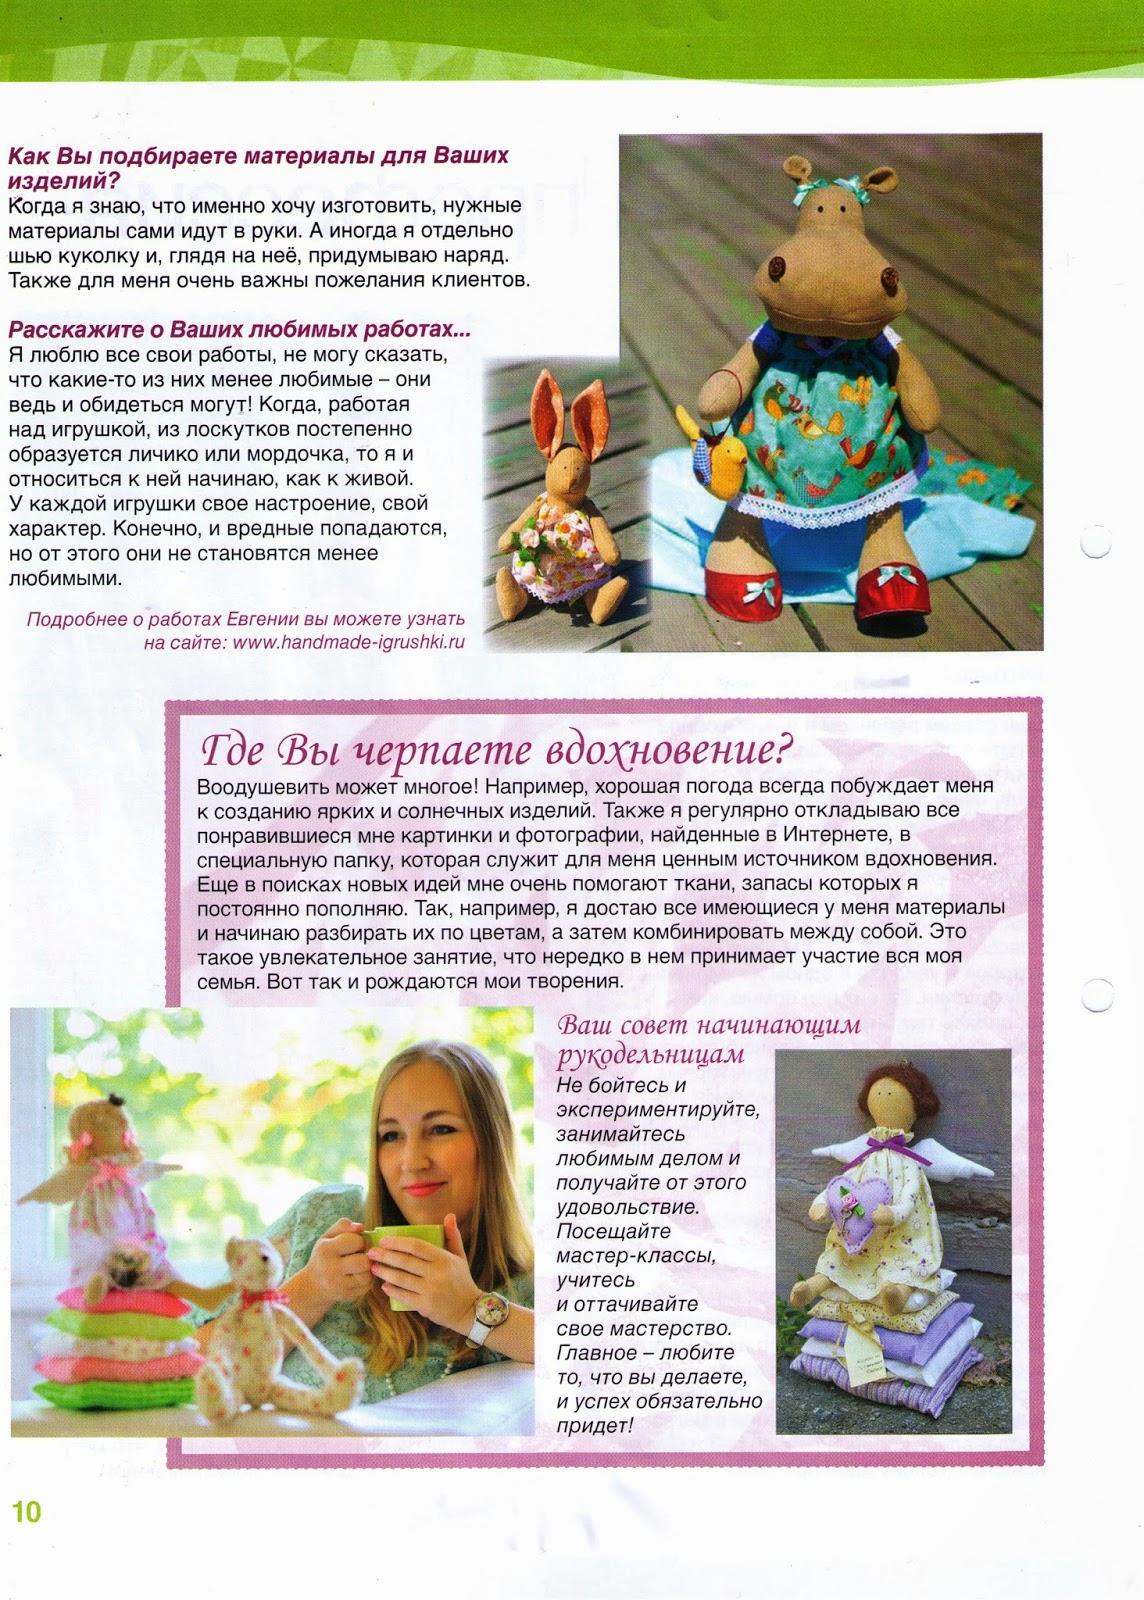 Лоскутное шитье, хобби, игрушки, игрушки ручной работы